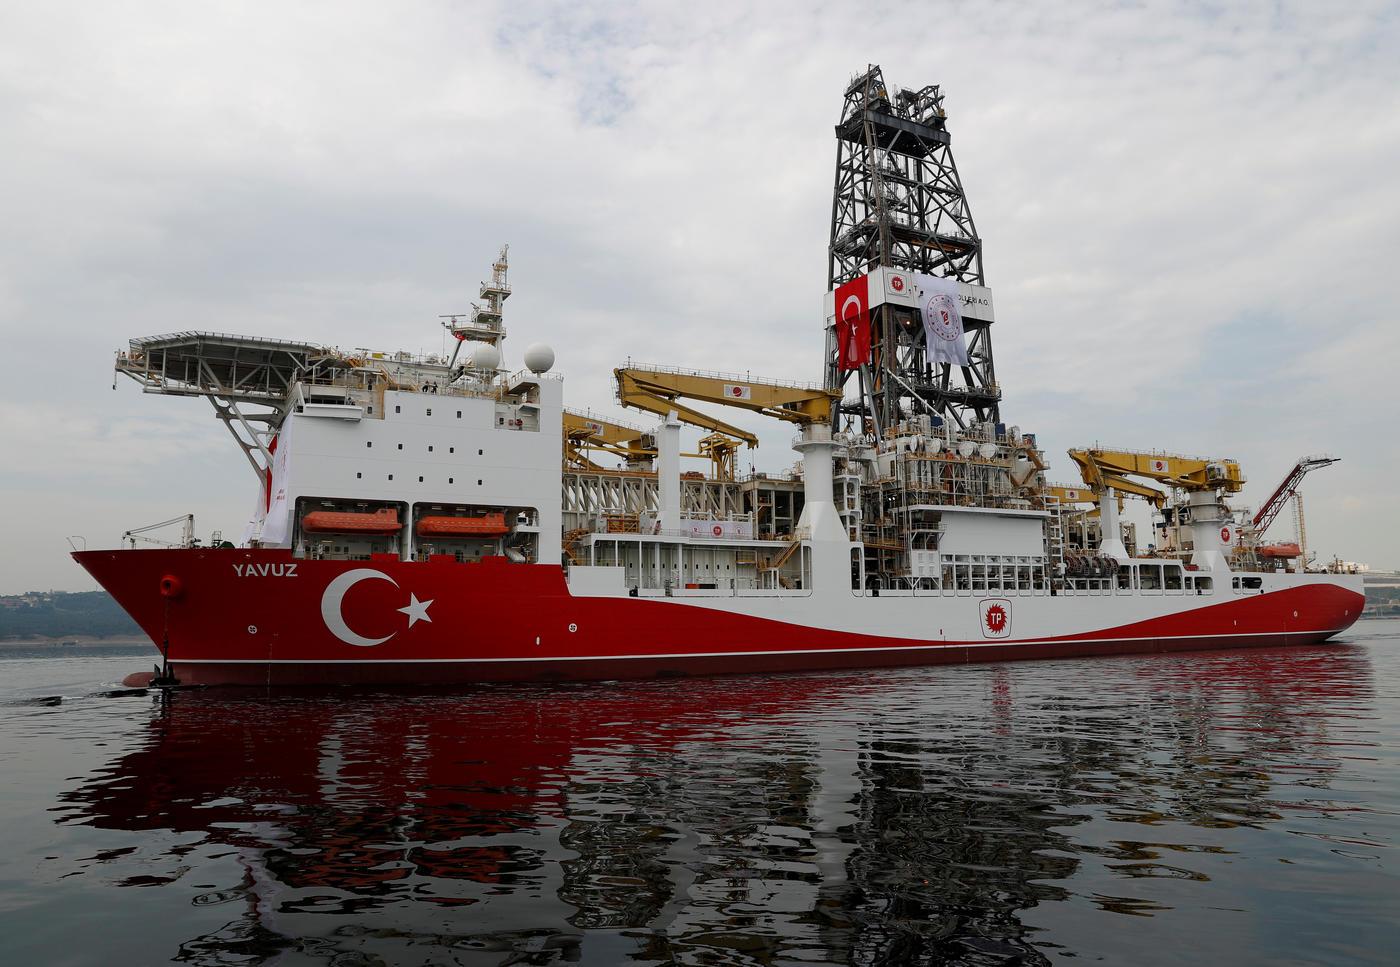 Turkish exploration ship Yavuz